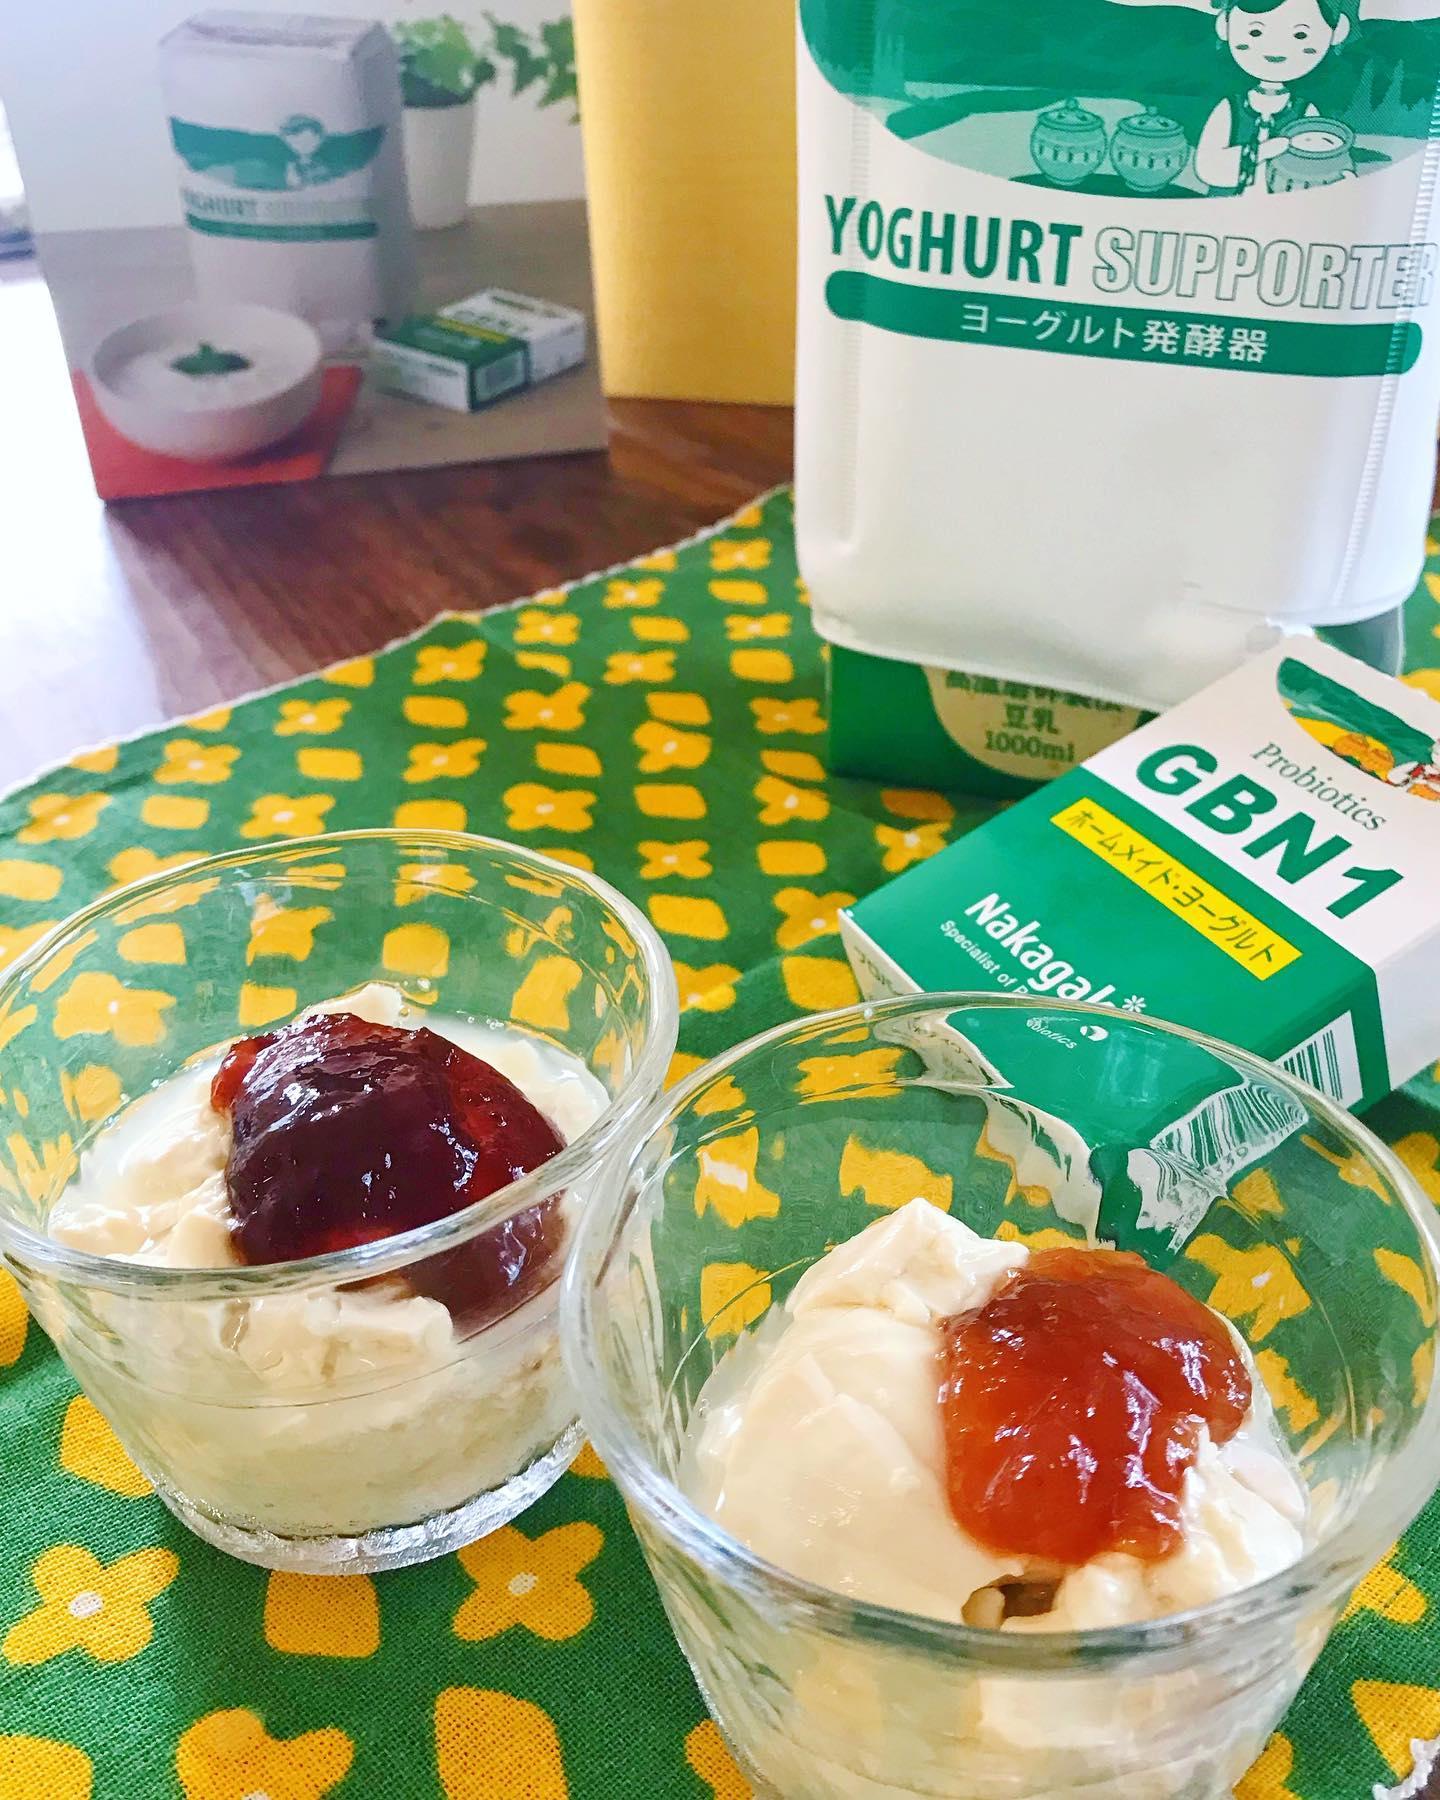 口コミ投稿:こんにちは😊✨今まで牛乳からヨーグルトは作ったことがありましたが今回初めてヨーグ…